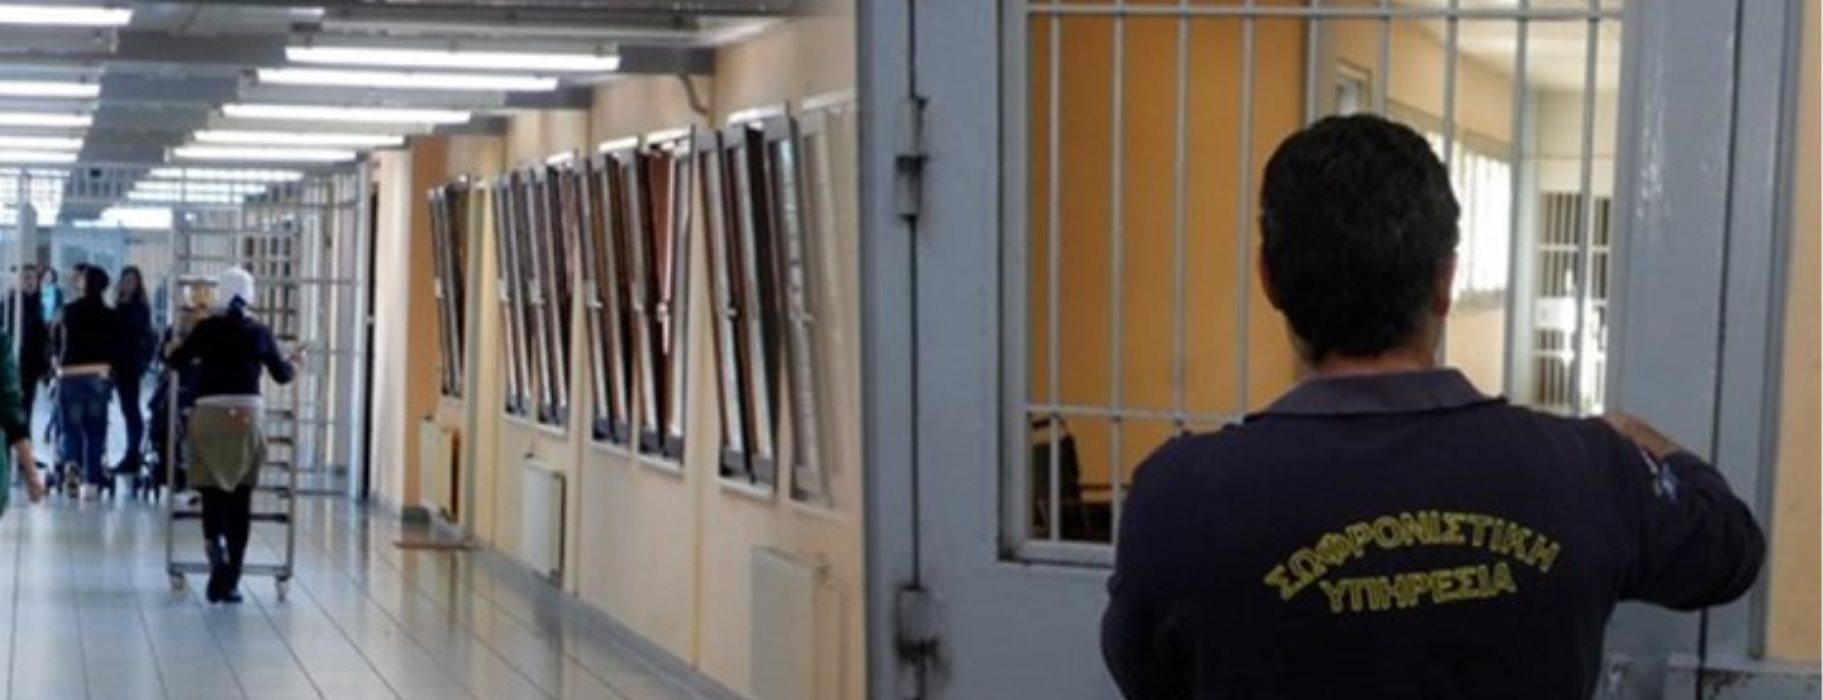 Συνελήφθη σωφρονιστικός υπάλληλος με ναρκωτικά και κινητά τηλέφωνα που προόριζε για τις φυλακές ανηλίκων Αυλώνα